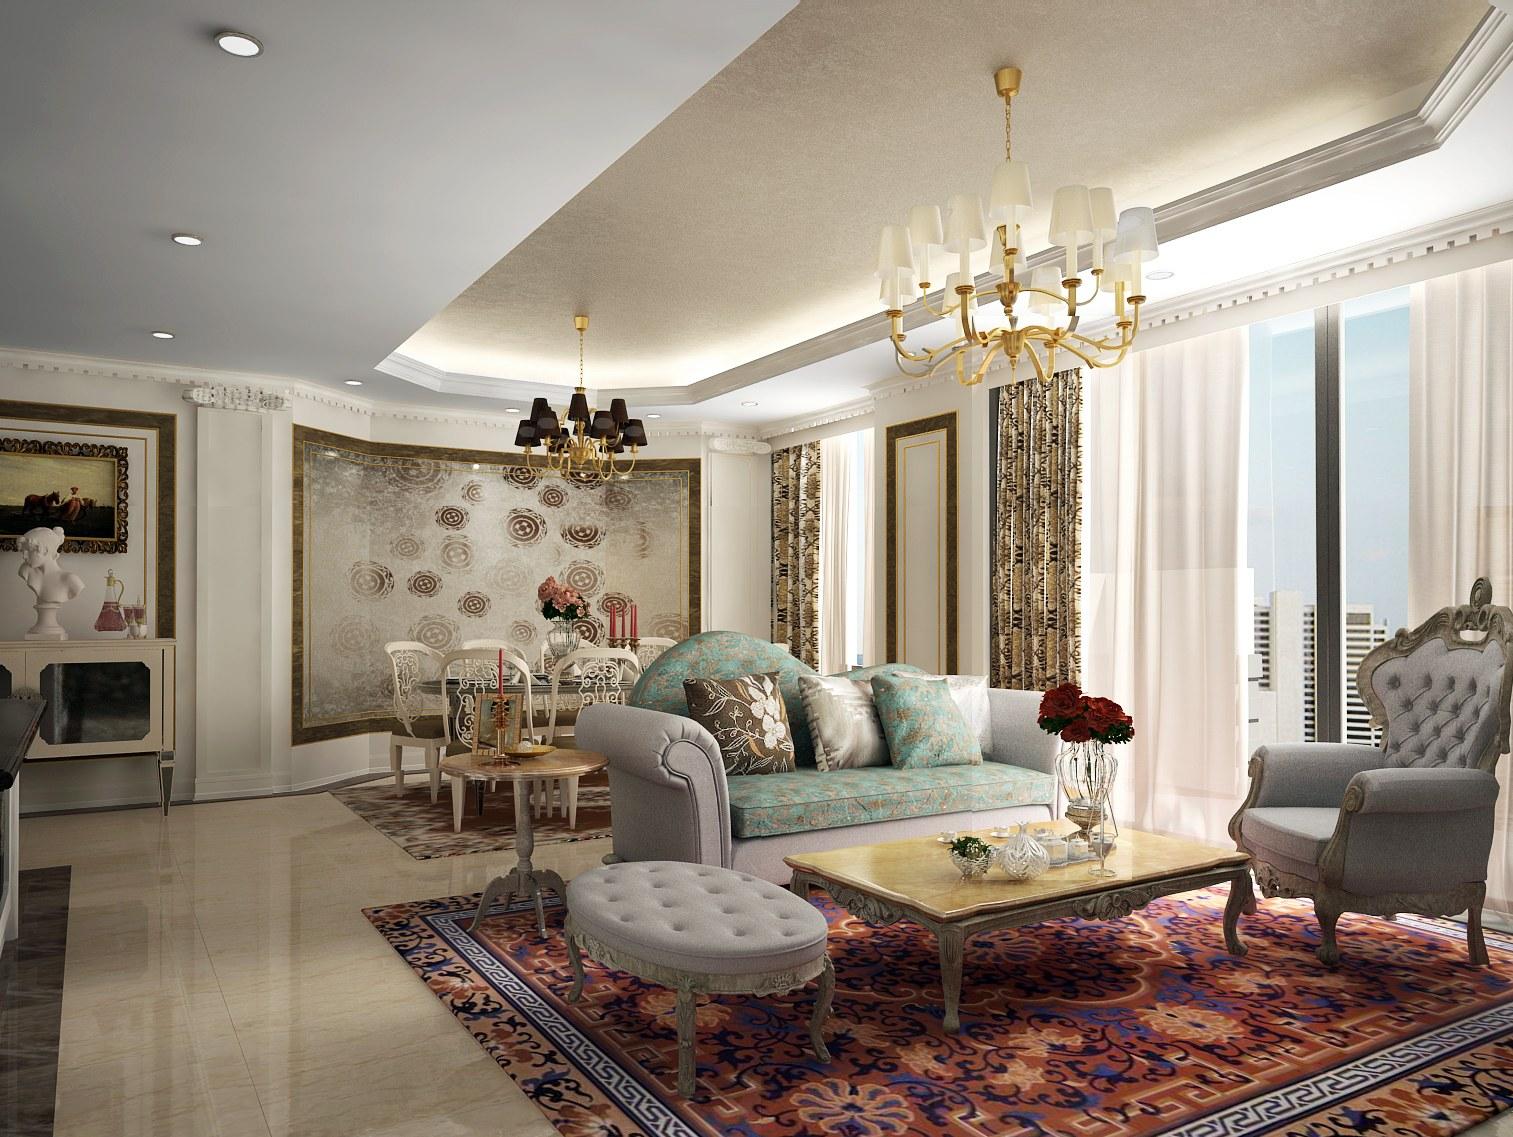 Phòng khách chung cư thoáng rộng và tiện nghi